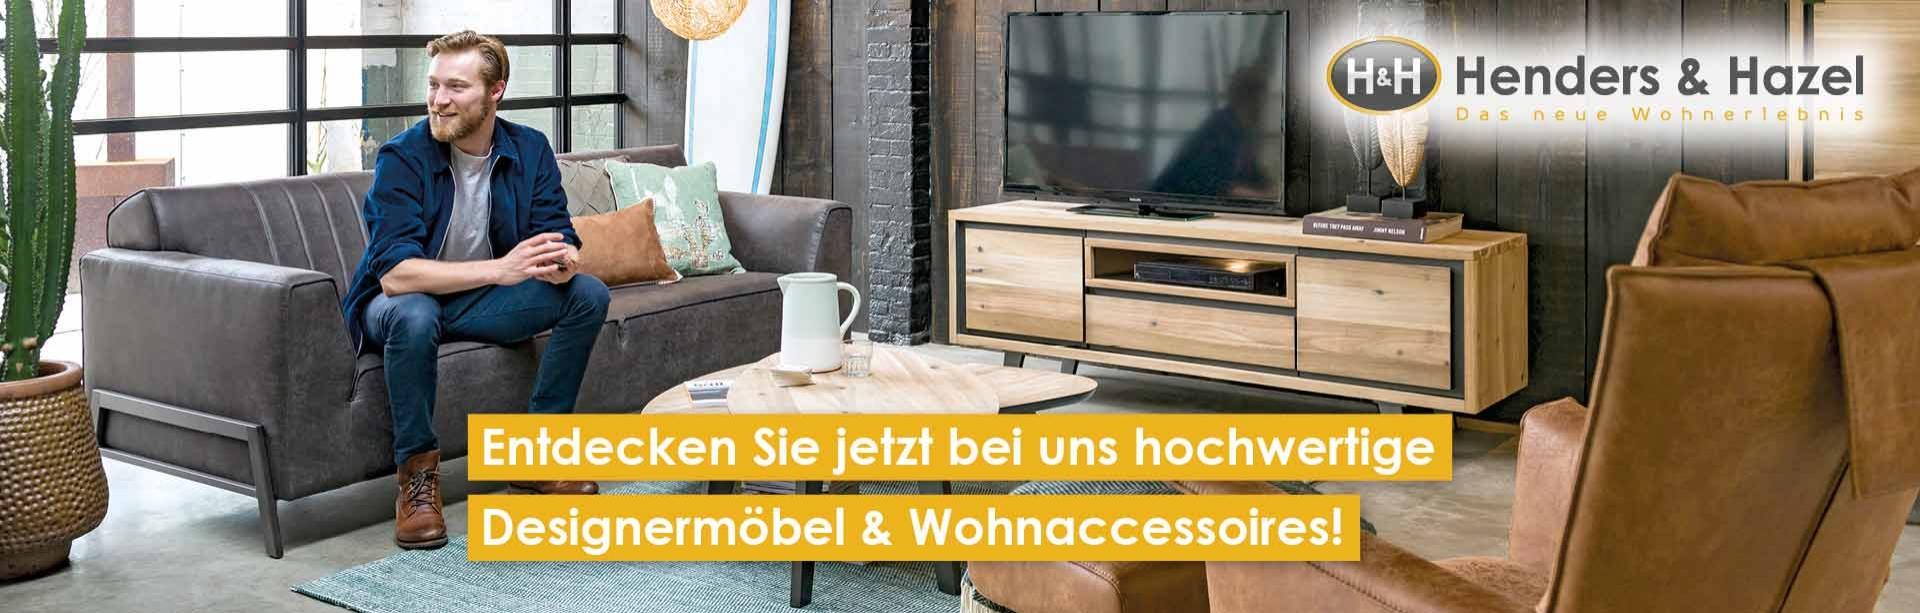 Startseite · Wohnkauf Zeller GmbH